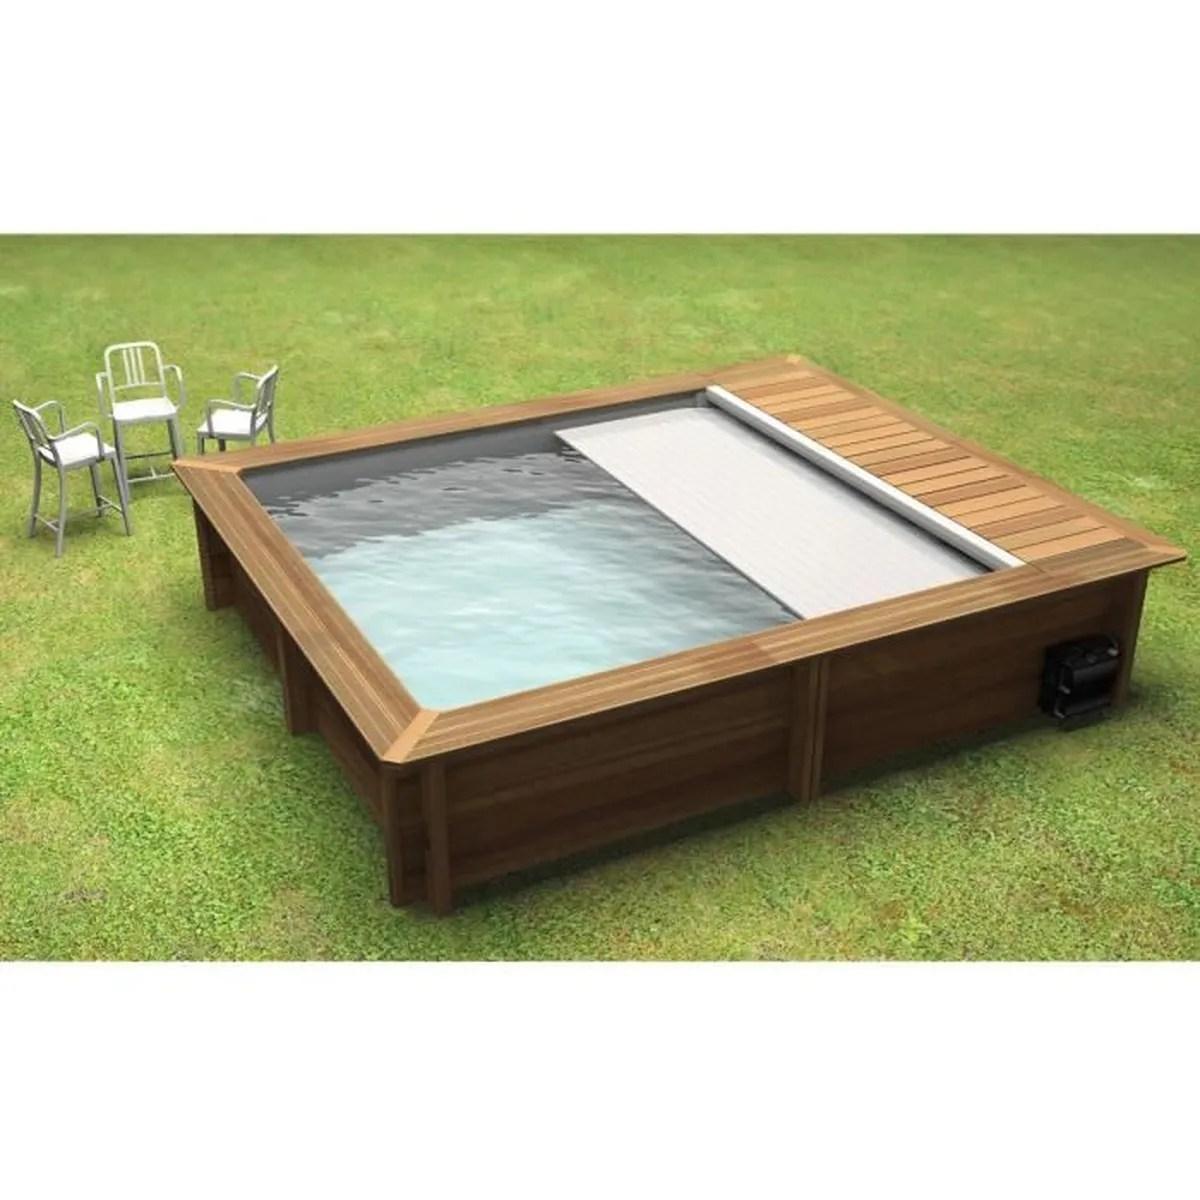 piscine urbaine hors sol bois 4 2 x 3 5 m bois